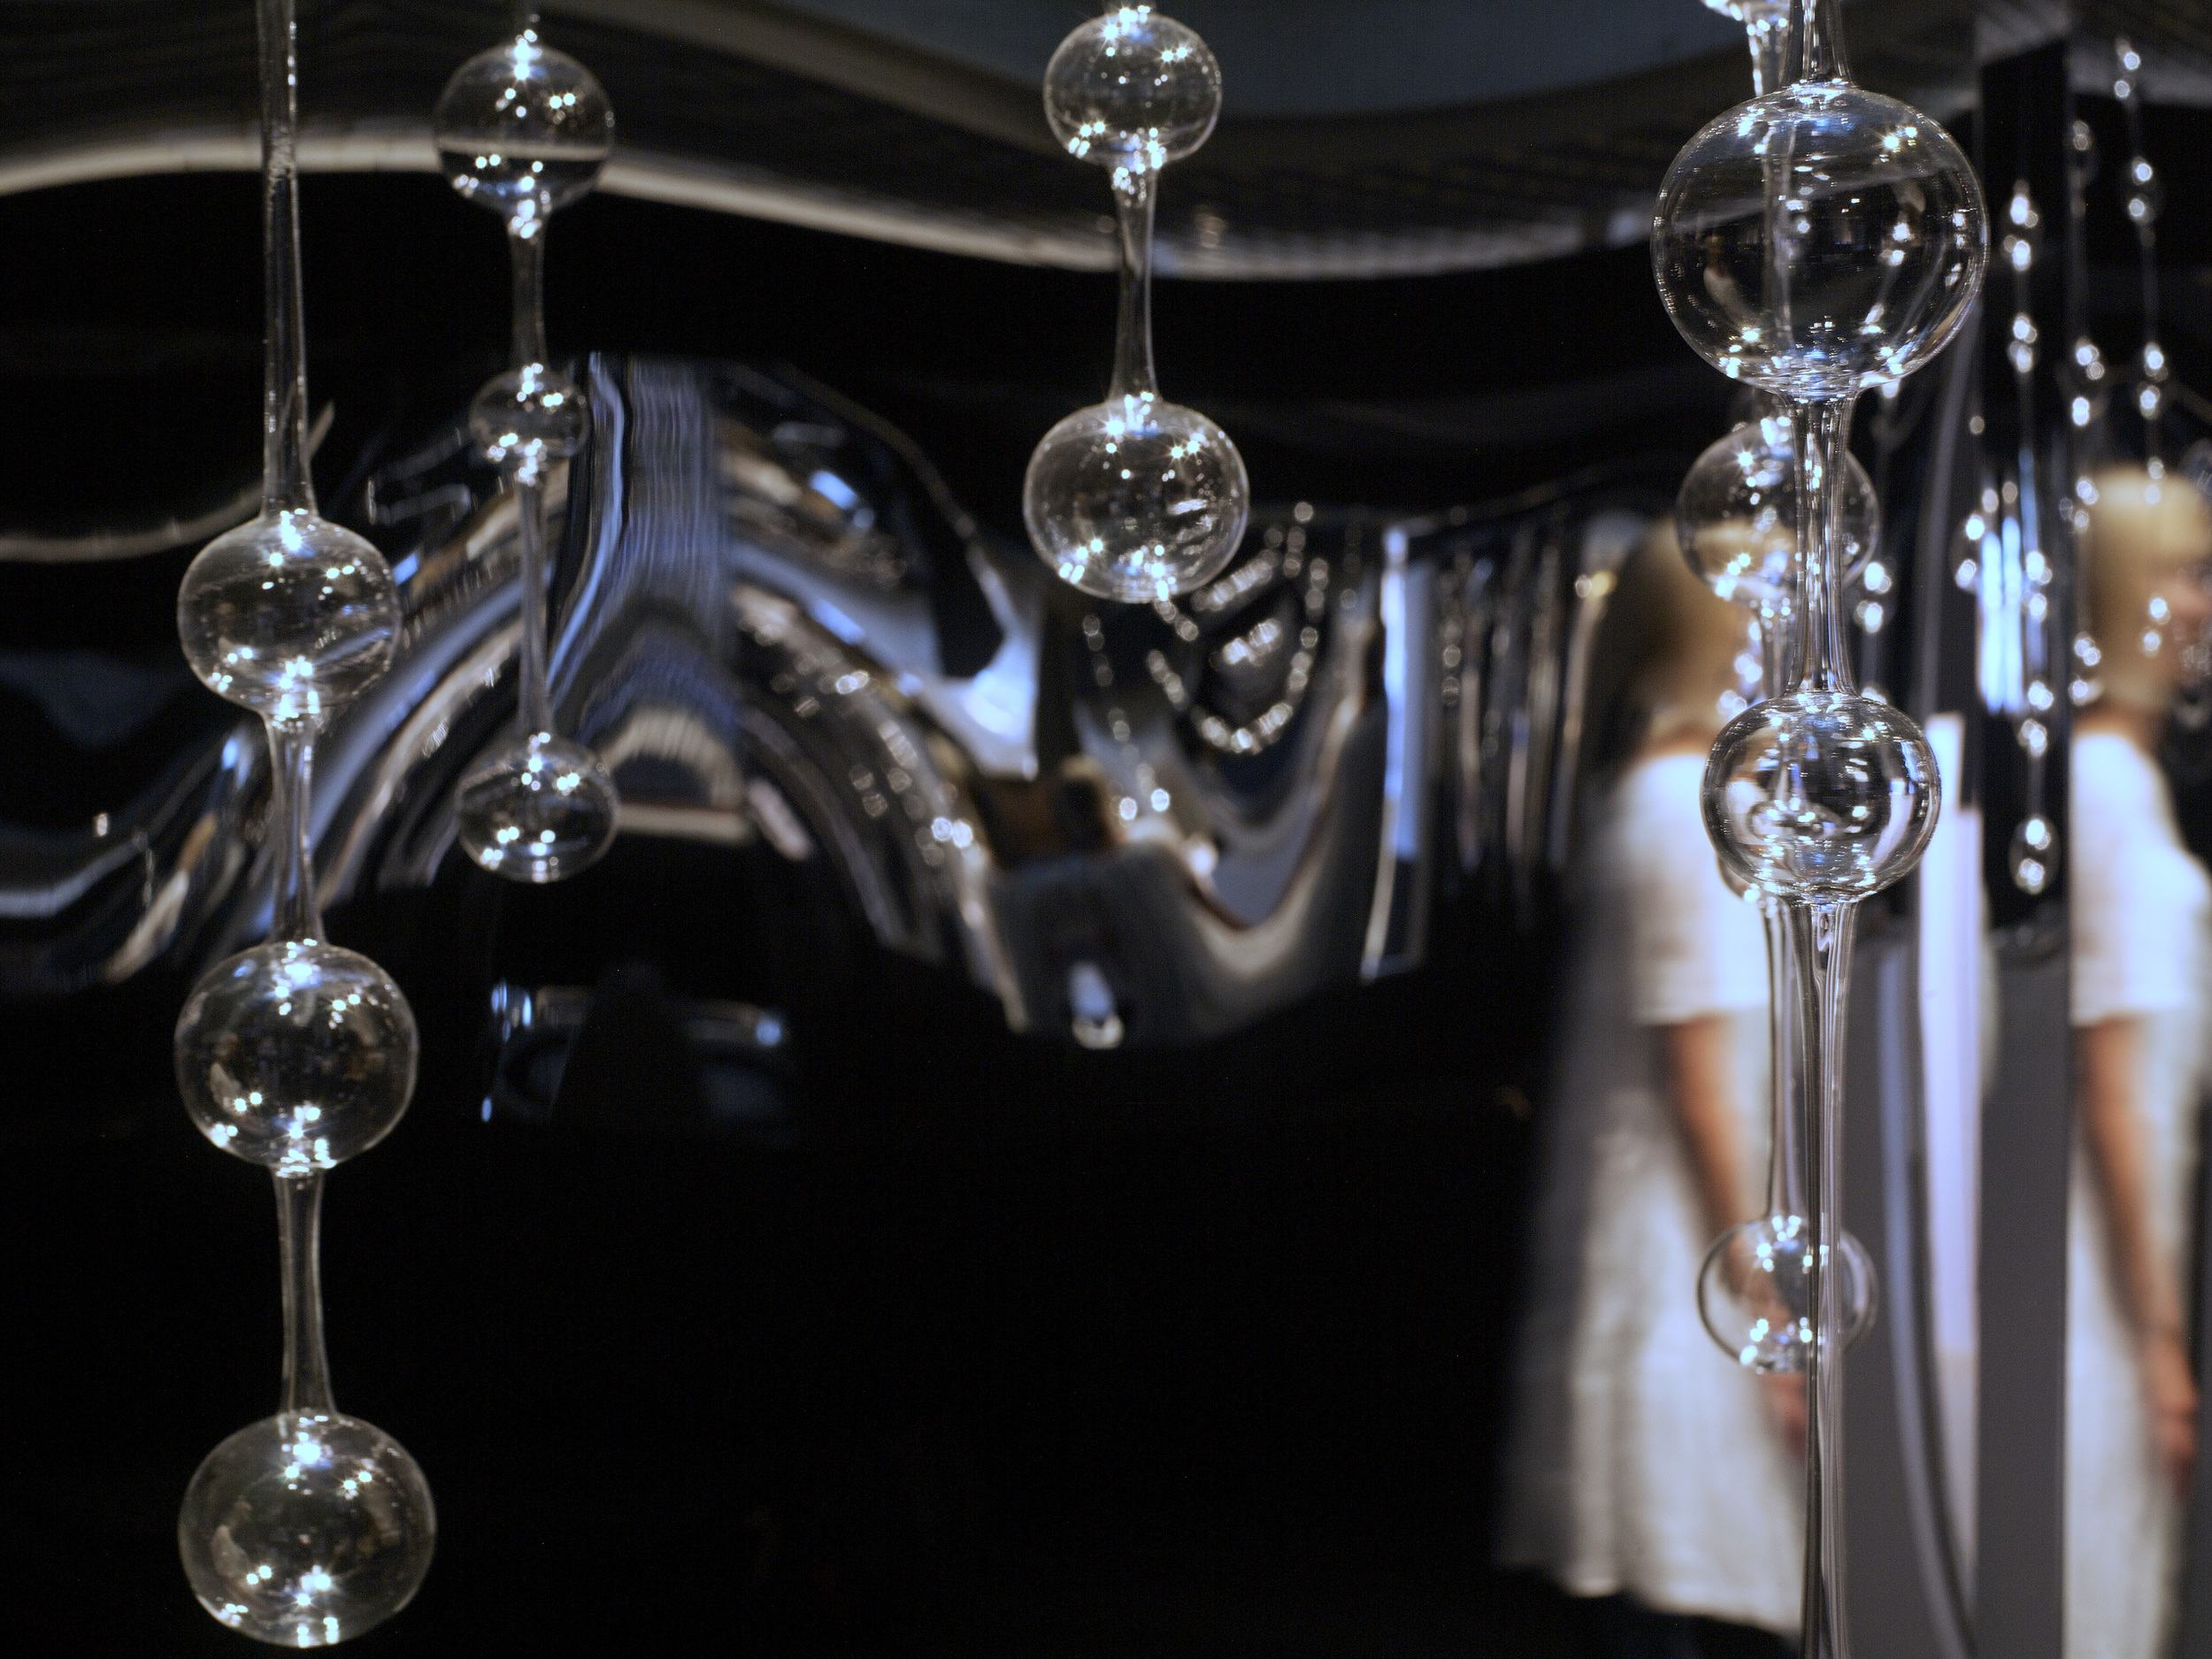 Dayground: Kaj Franck & Beyond installation, (c) KLOK video agency